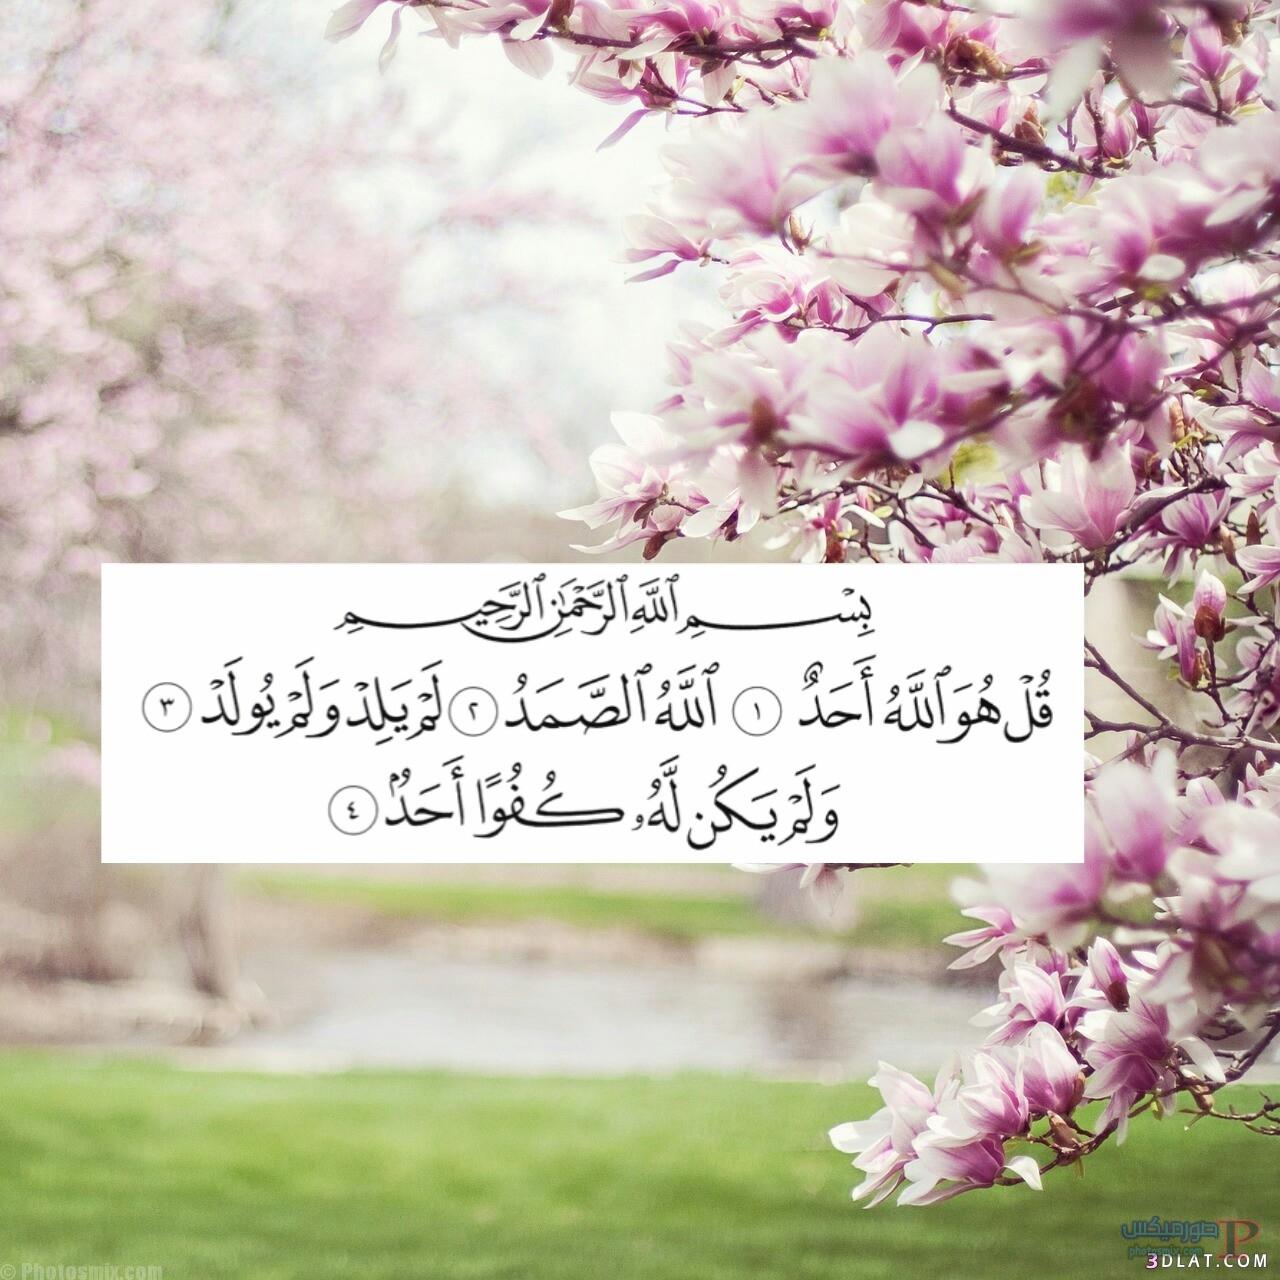 ايات قرآنية